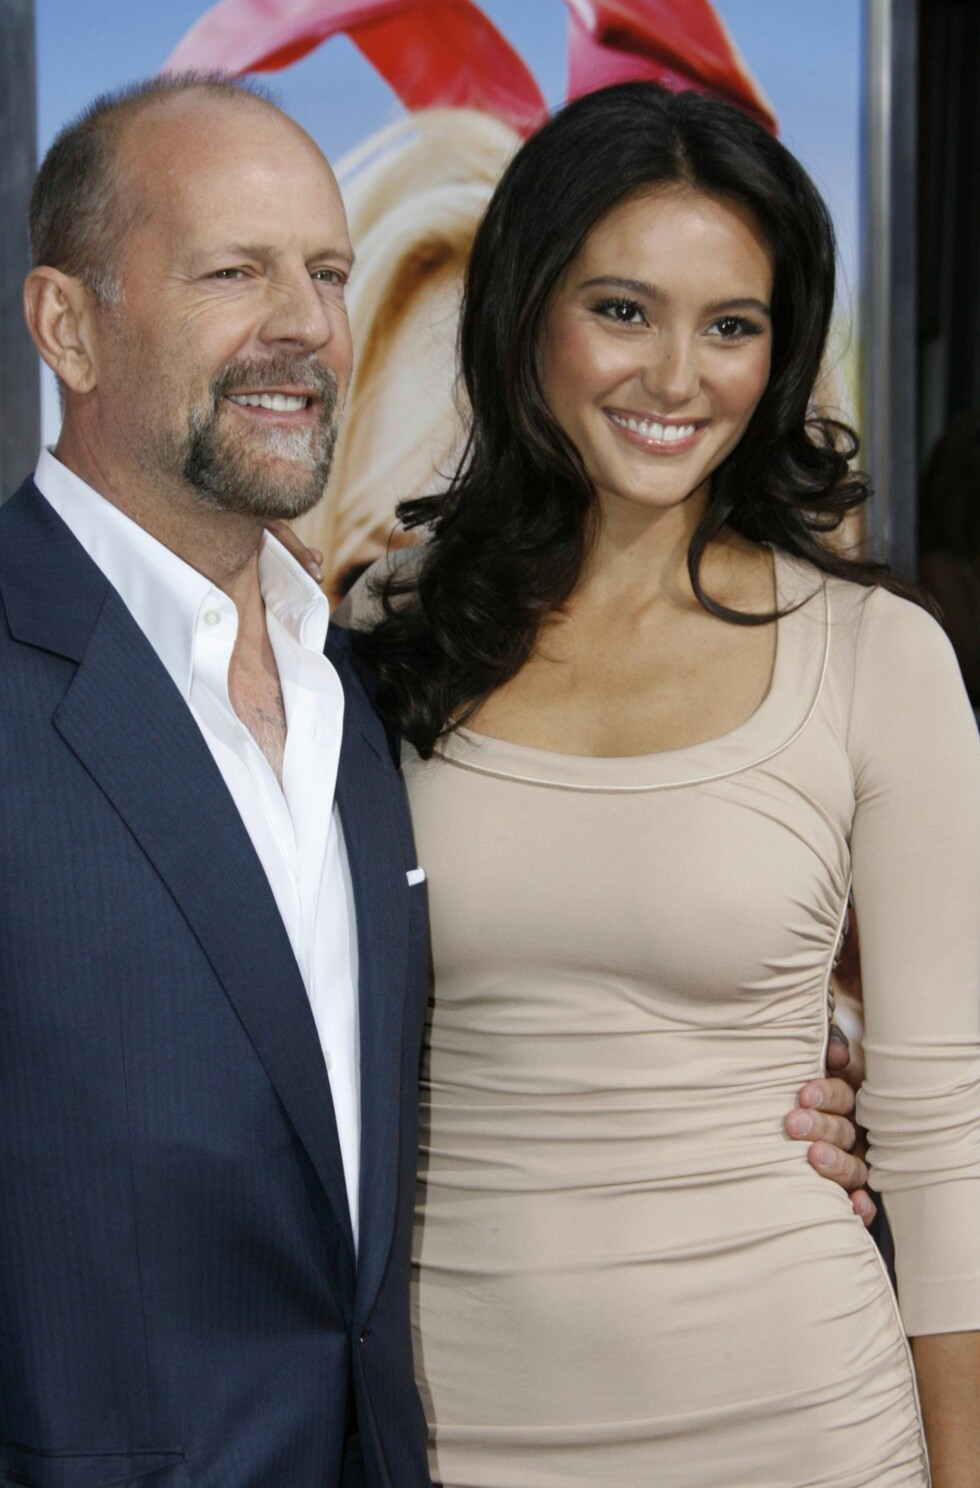 GIFTET SEG PÅ ØYA: Øygruppen er en kjendisfavoritt og det var her Bruce Willis giftet seg med Emma Heming i 2009.  Foto: REUTERS